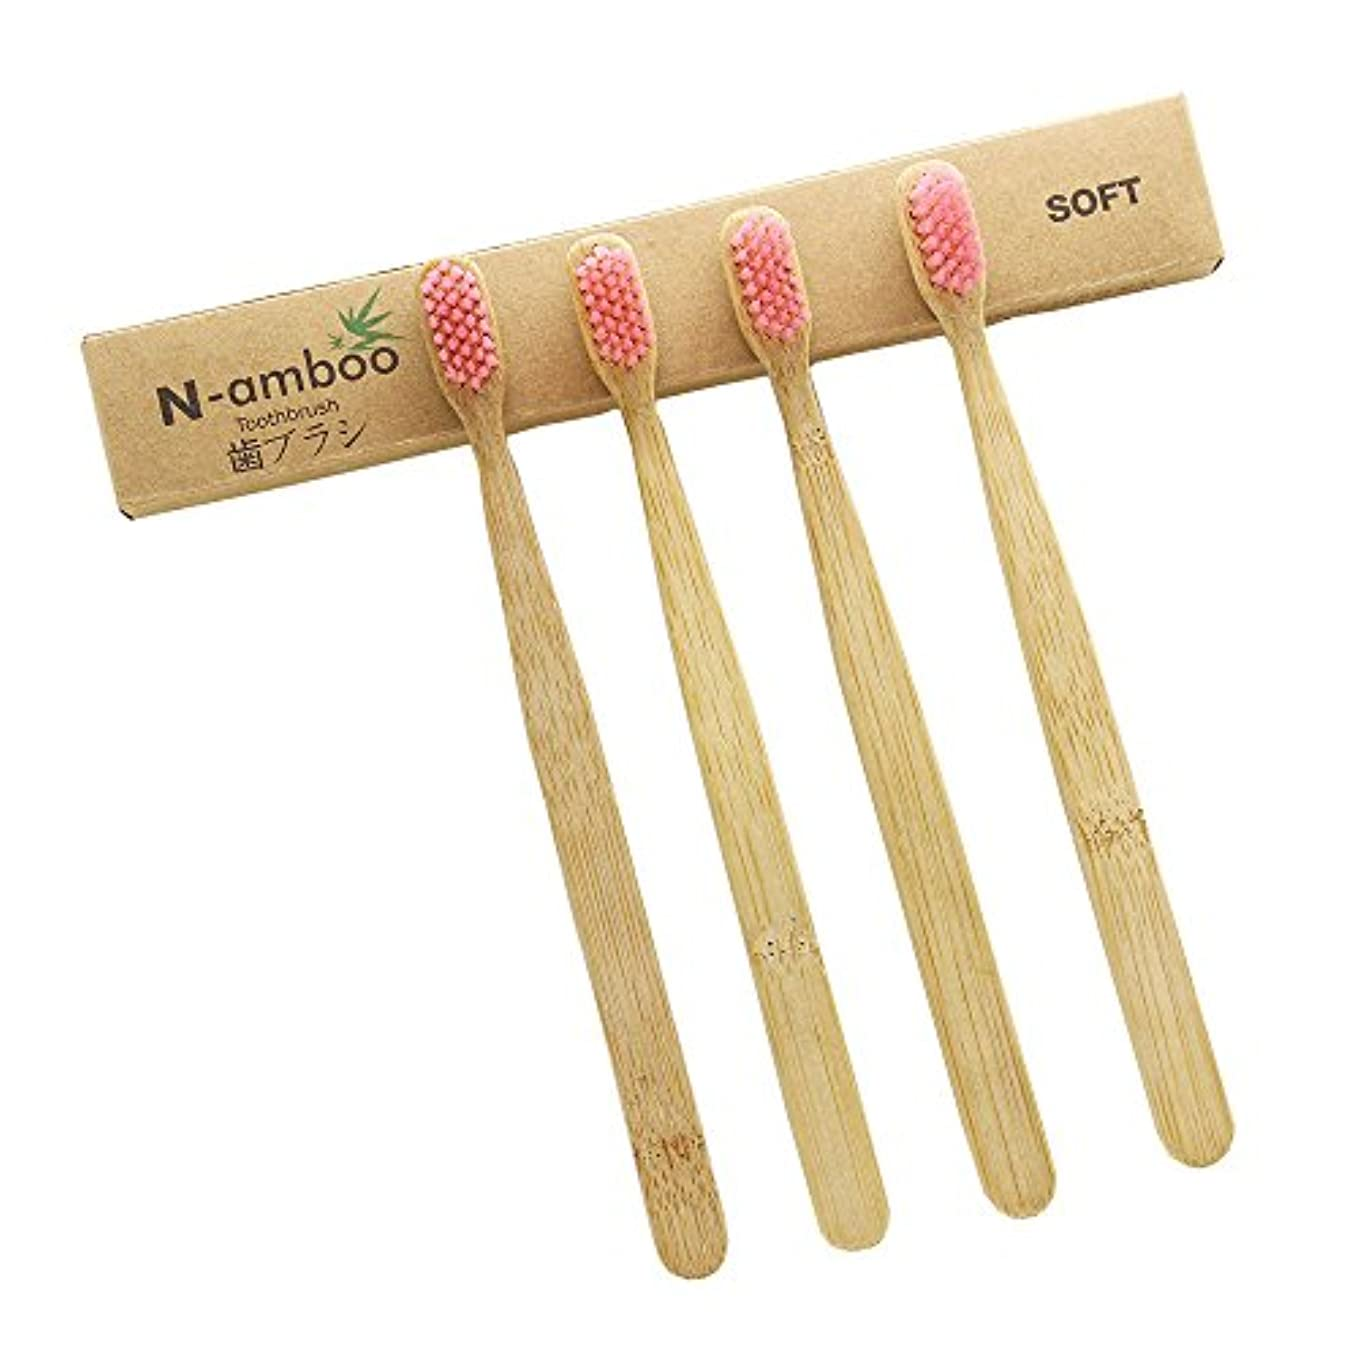 敬礼挑む夕方N-amboo 竹製 歯ブラシ 高耐久性 ピンク エコ 色あざやか (4本)